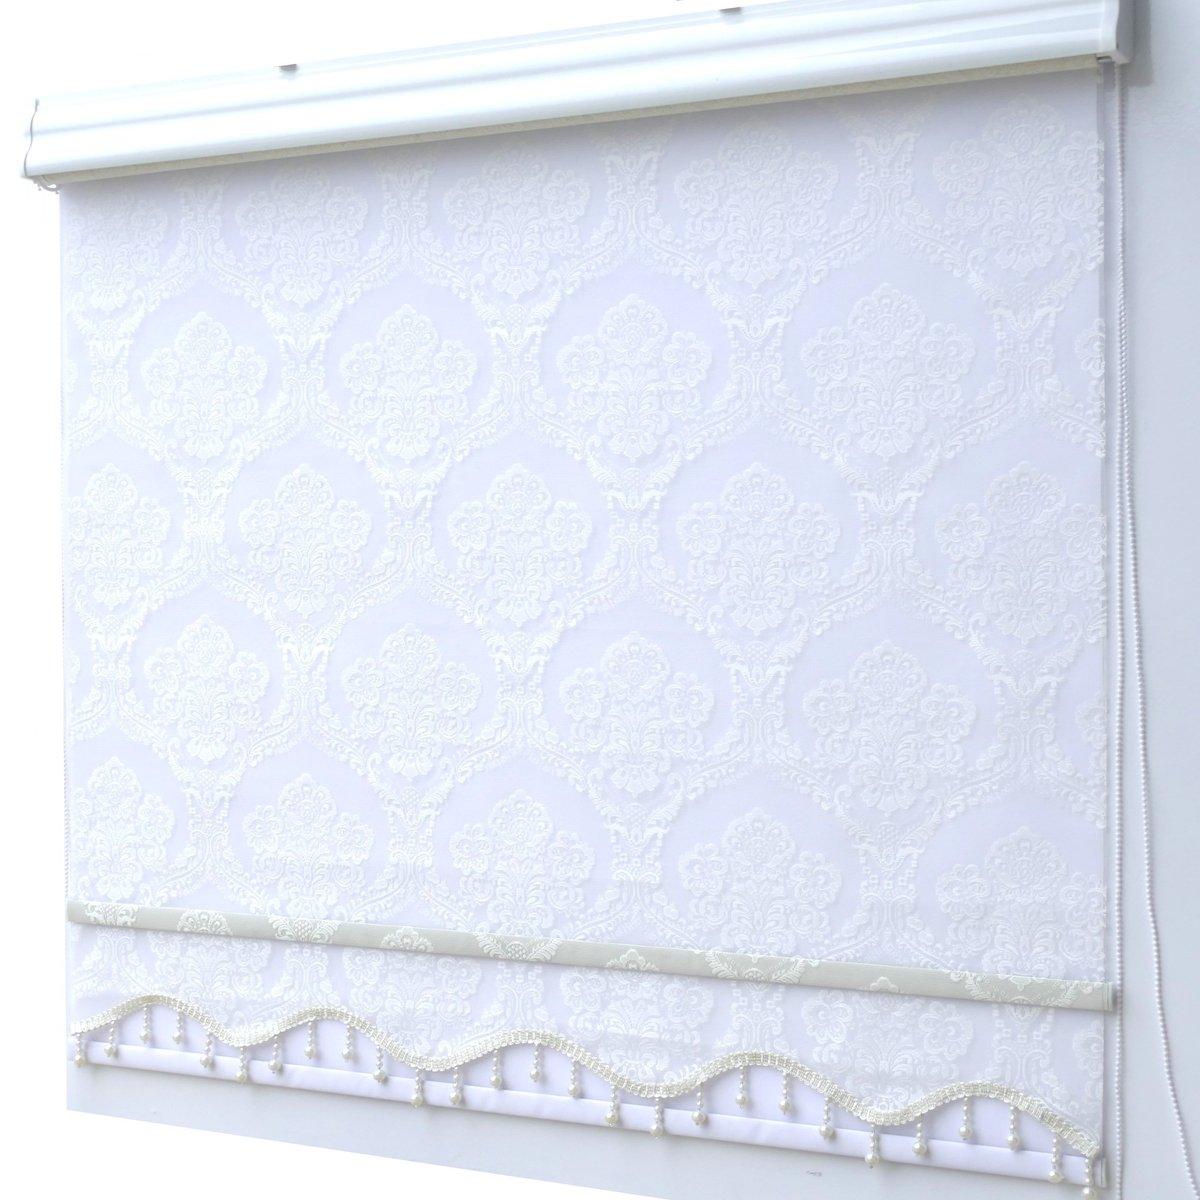 Full Size of Rollo Fenster Doppelrollo Klemmfiduorollo Fensterrollo Sichtschutz Blickdicht Einbau Reinigen Holz Alu Kaufen In Polen Pvc Winkhaus Einbruchsicherung Fenster Rollo Fenster